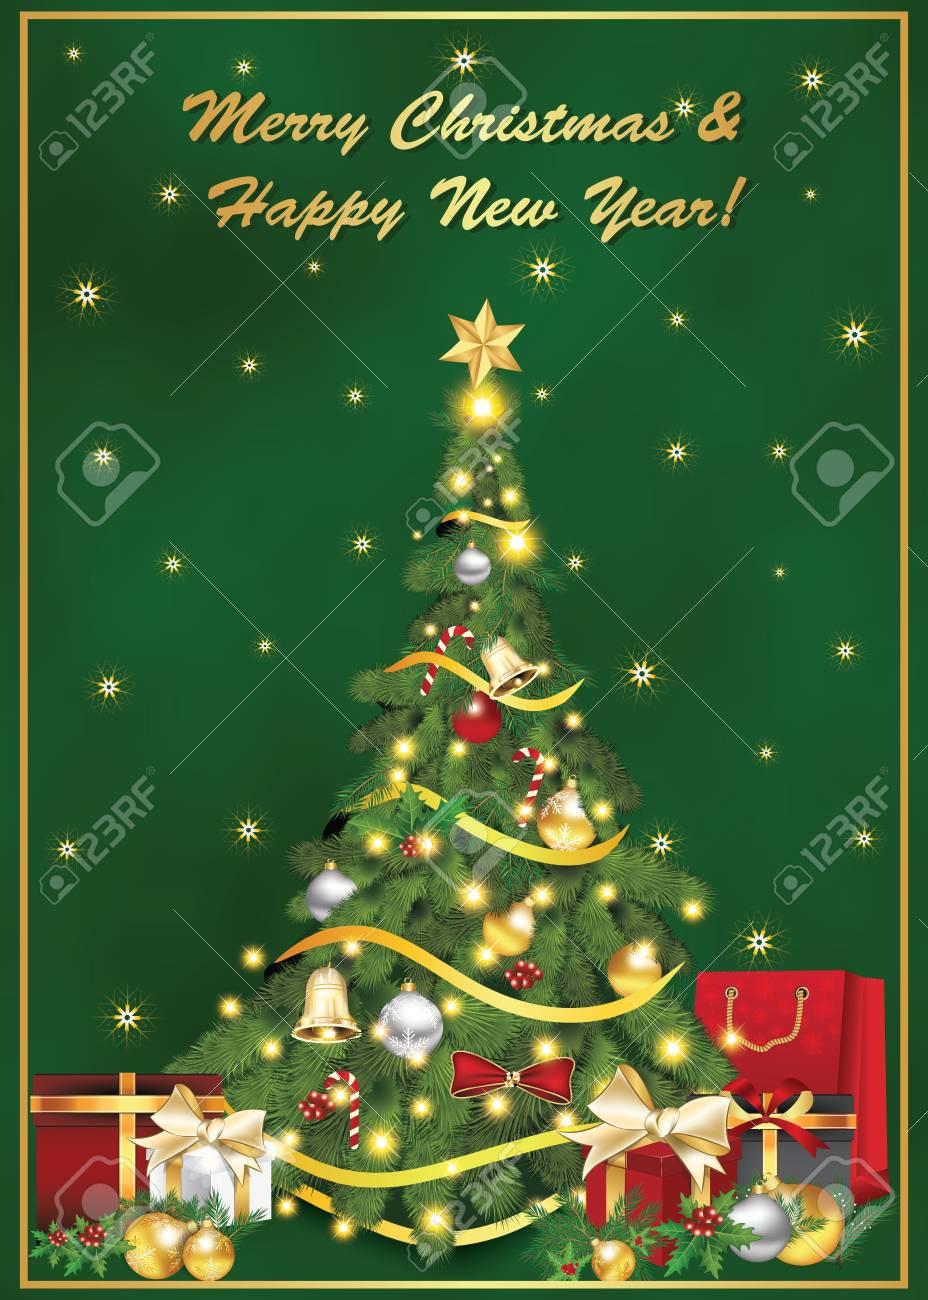 Felicitacion Navidad Personalizada Fotos.Tarjeta De Felicitacion Elegante De Navidad Y Ano Nuevo Vacaciones De Invierno Imprimir Colores Utilizados Tamano De Una Tarjeta De Felicitacion